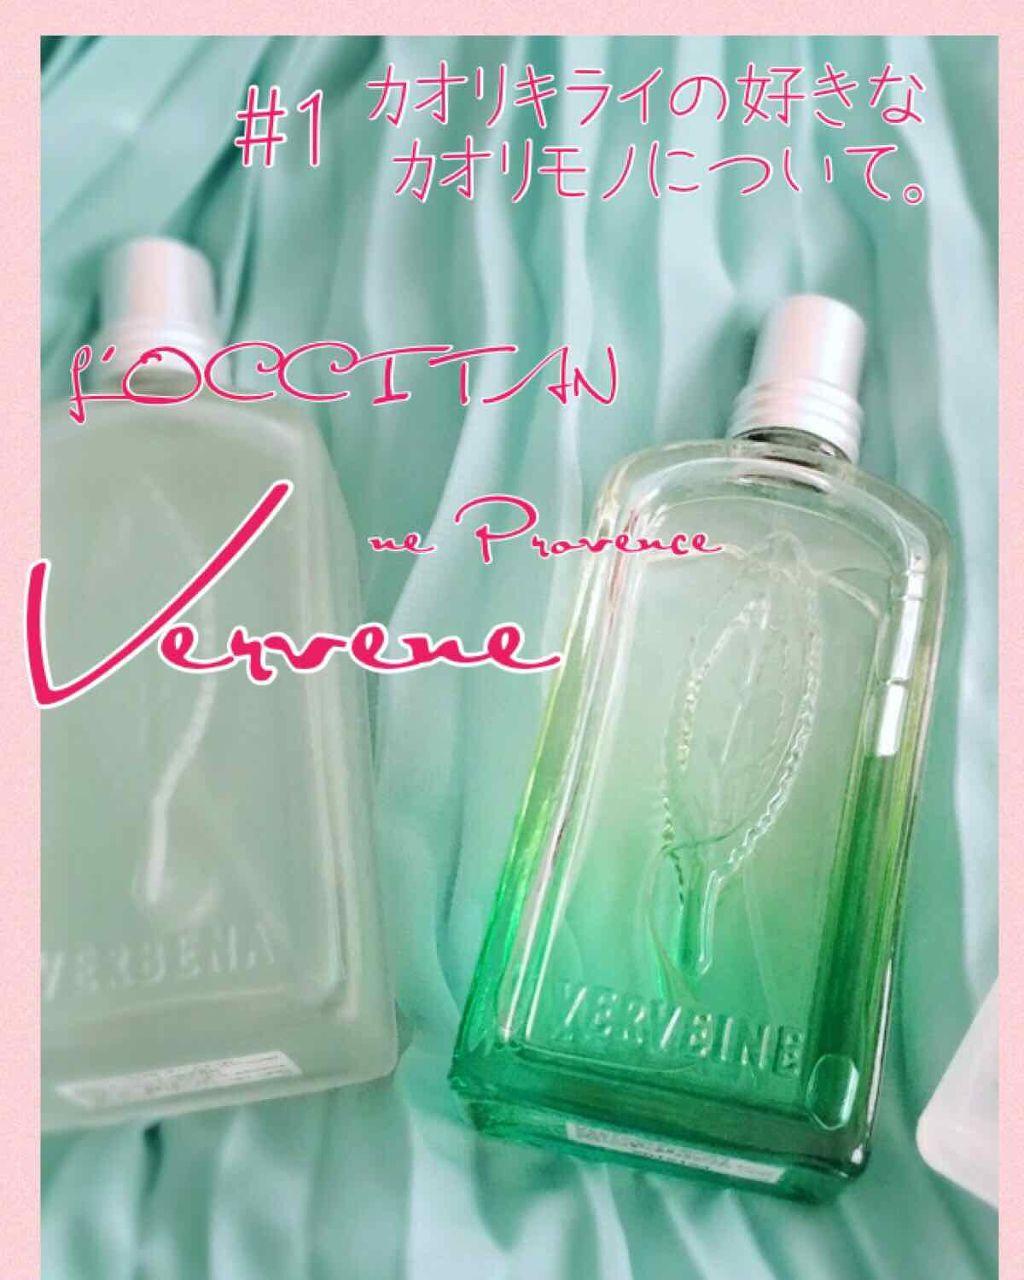 d4098d24ce5e L'OCCITANE ヴァーベナ オードトワレ(香水(メンズ))を使ったクチコミ